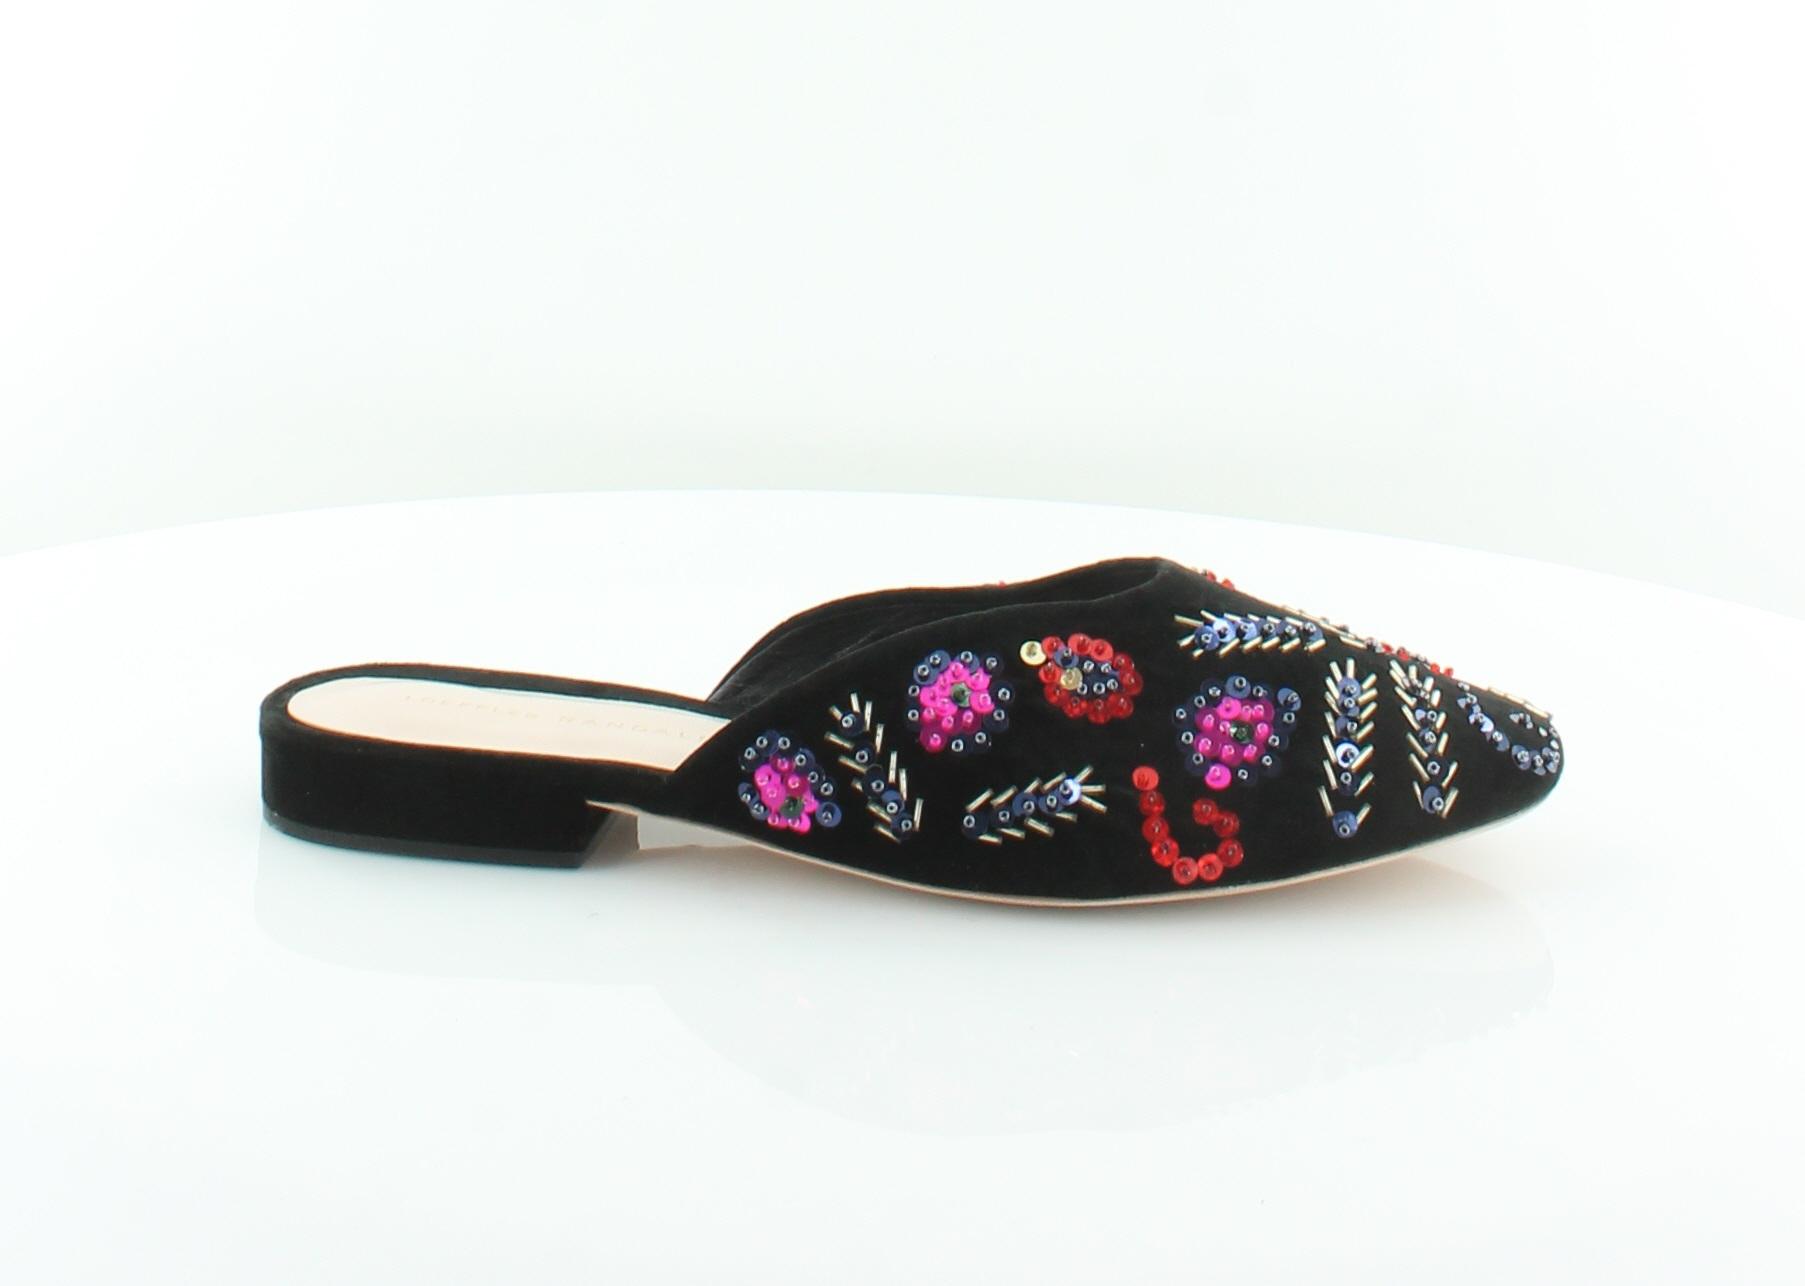 Loeffler Randall Quin nero donna scarpe Dimensione 10 M  Flats MSRP  395  negozio online outlet